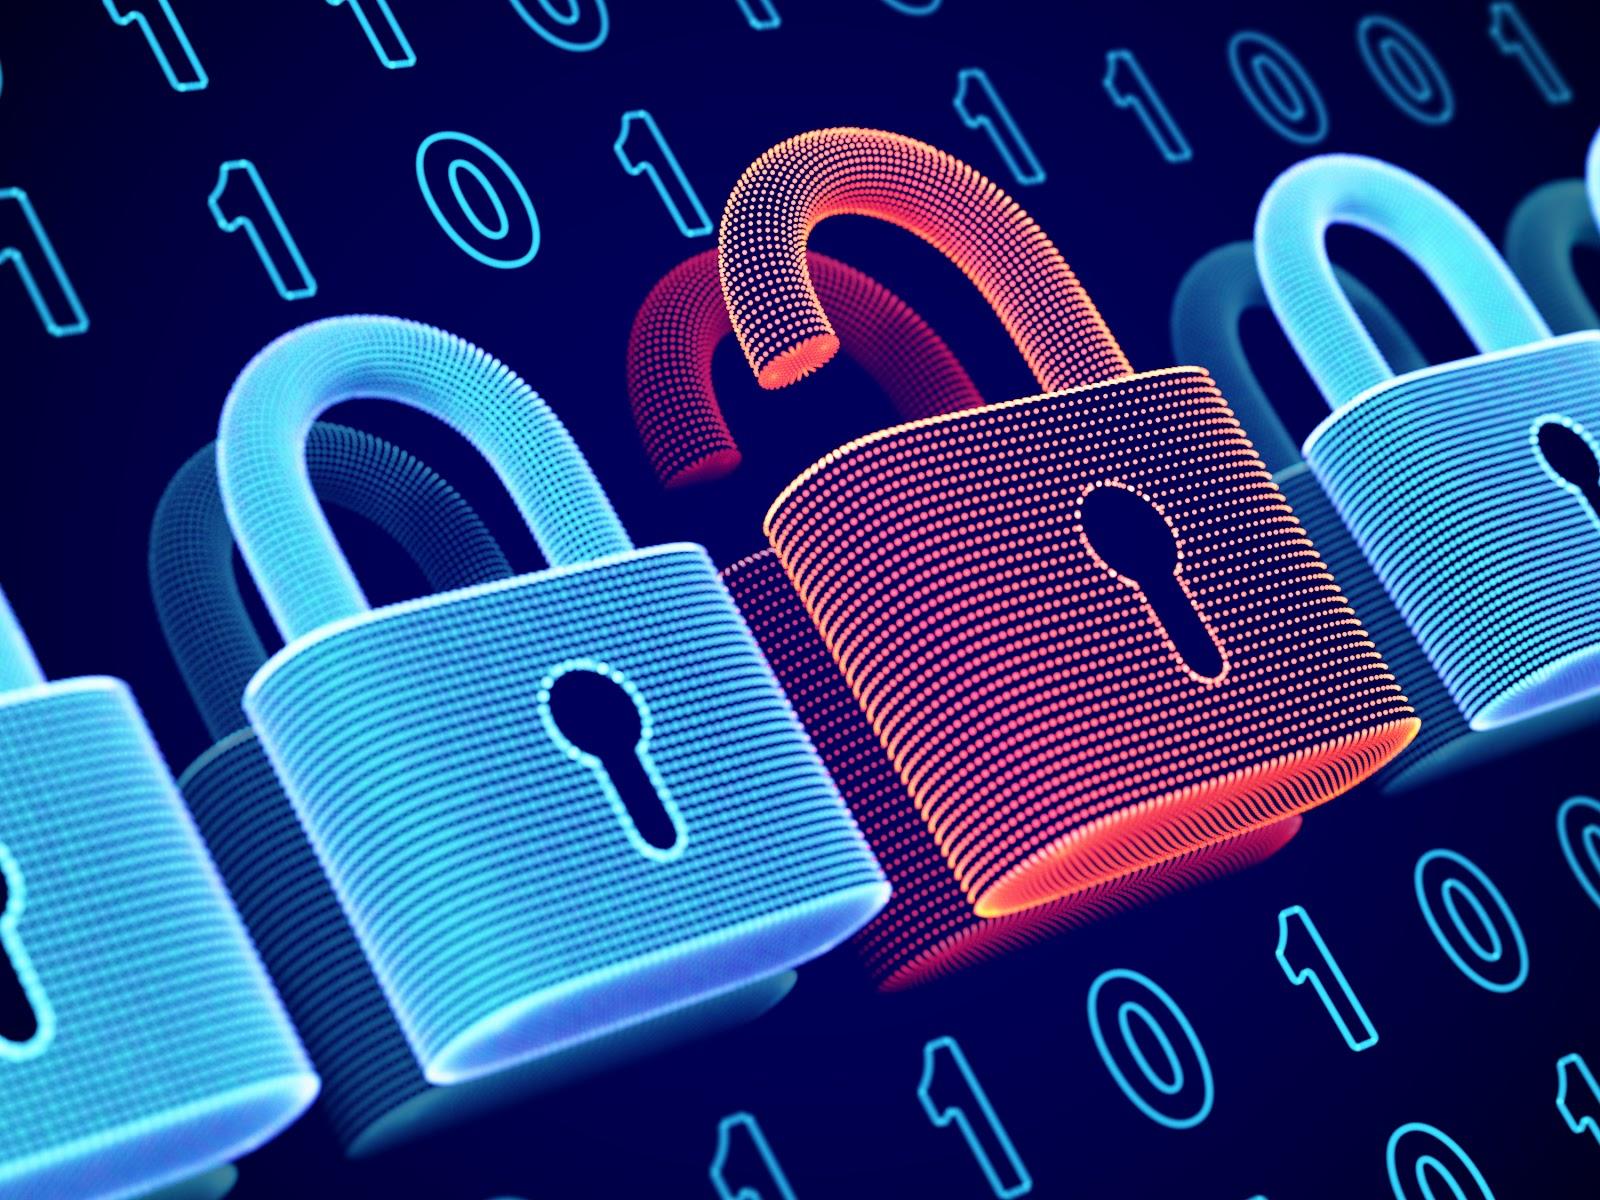 Cibersegurança em tempos de home-office deve ser analisada, visto ataques contra servidores.